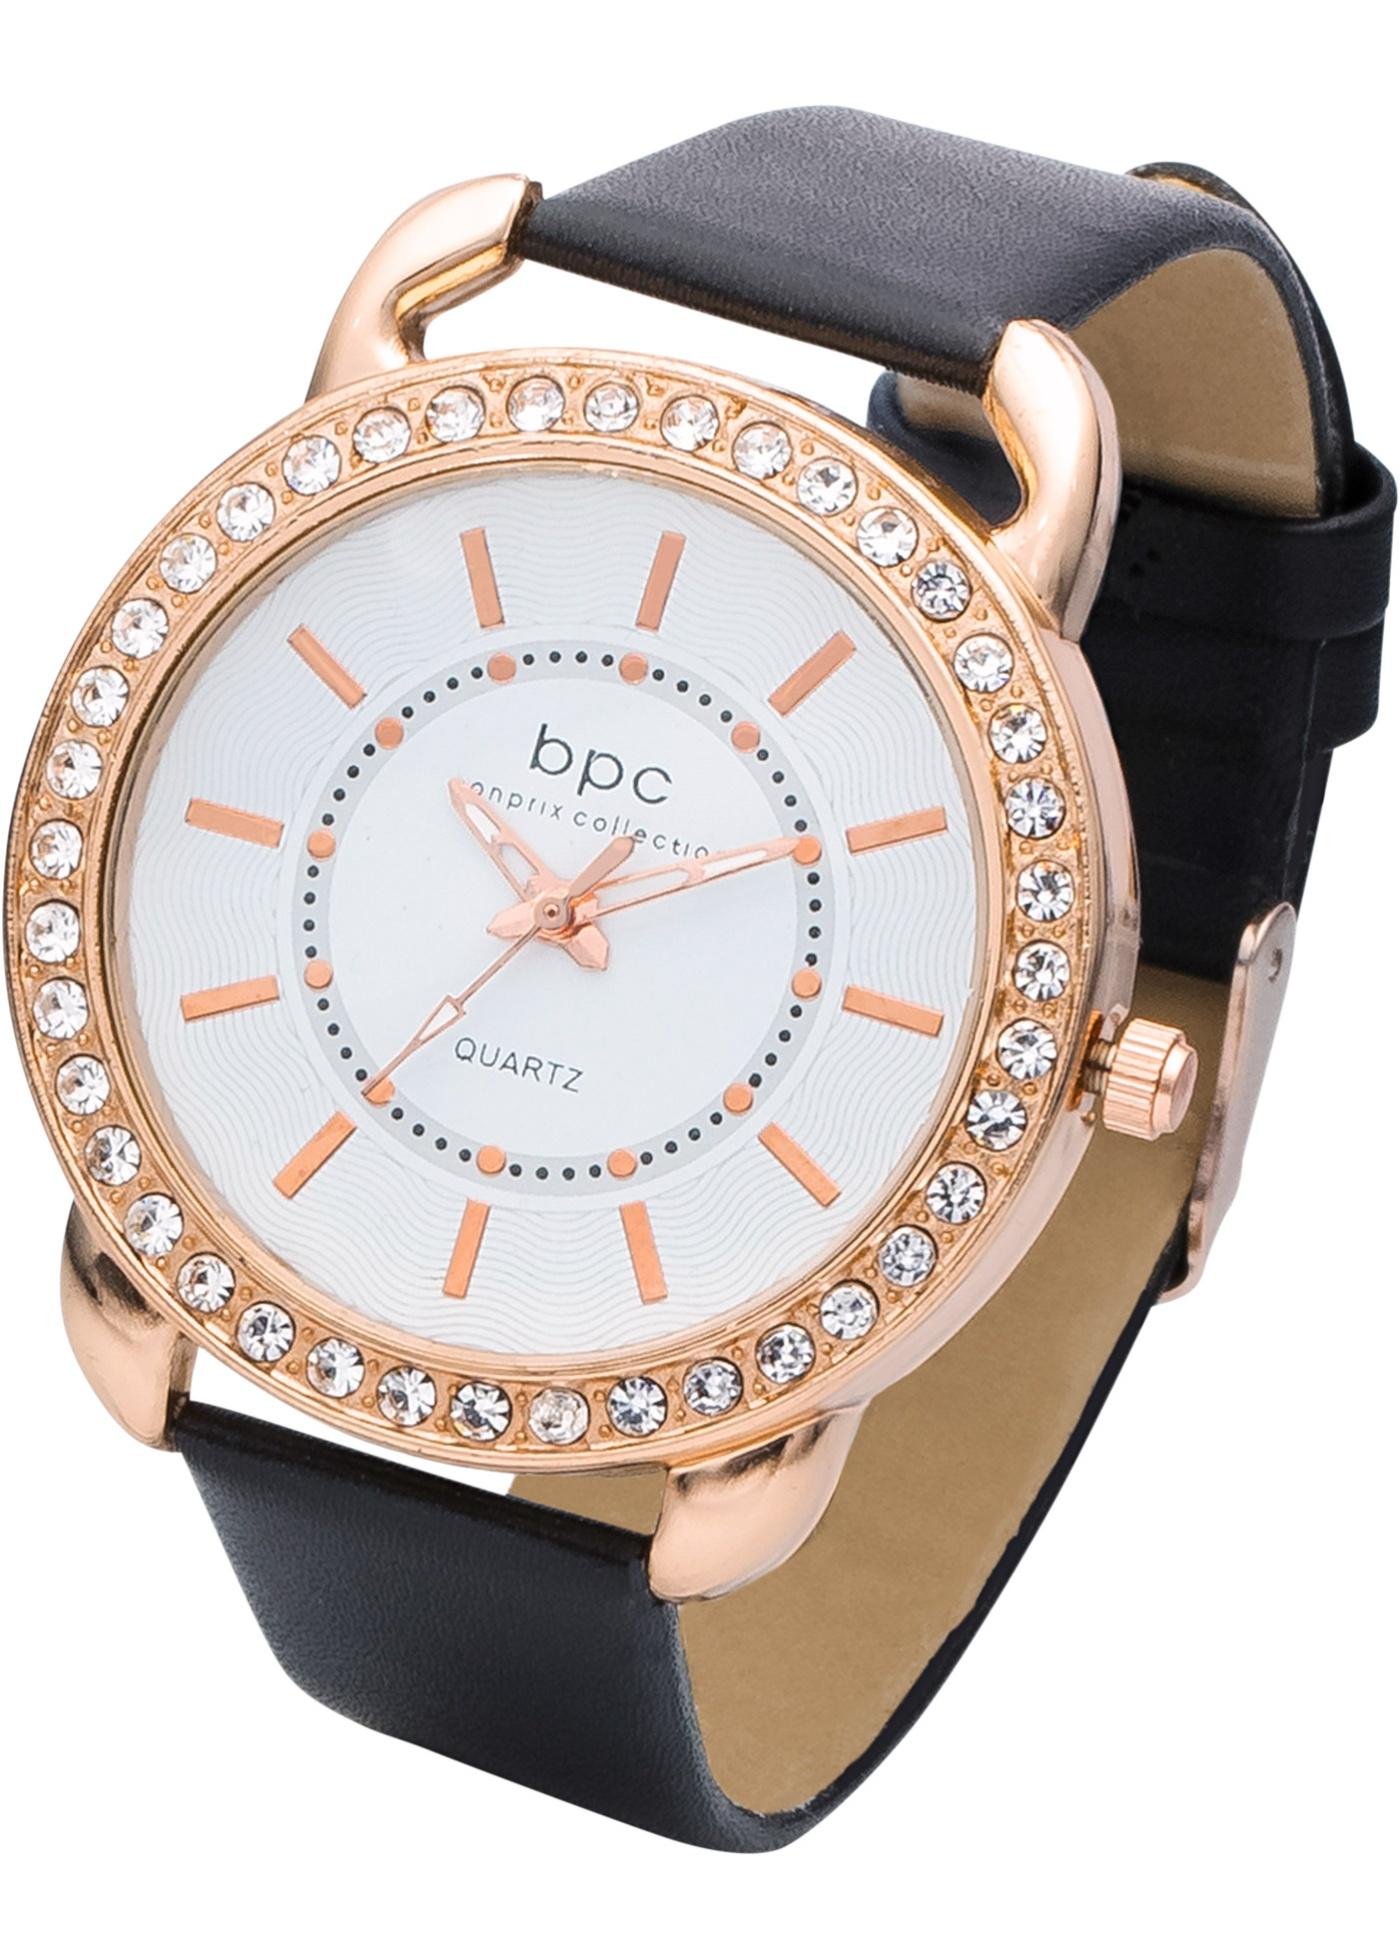 Orologio  Nero  - bpc bon